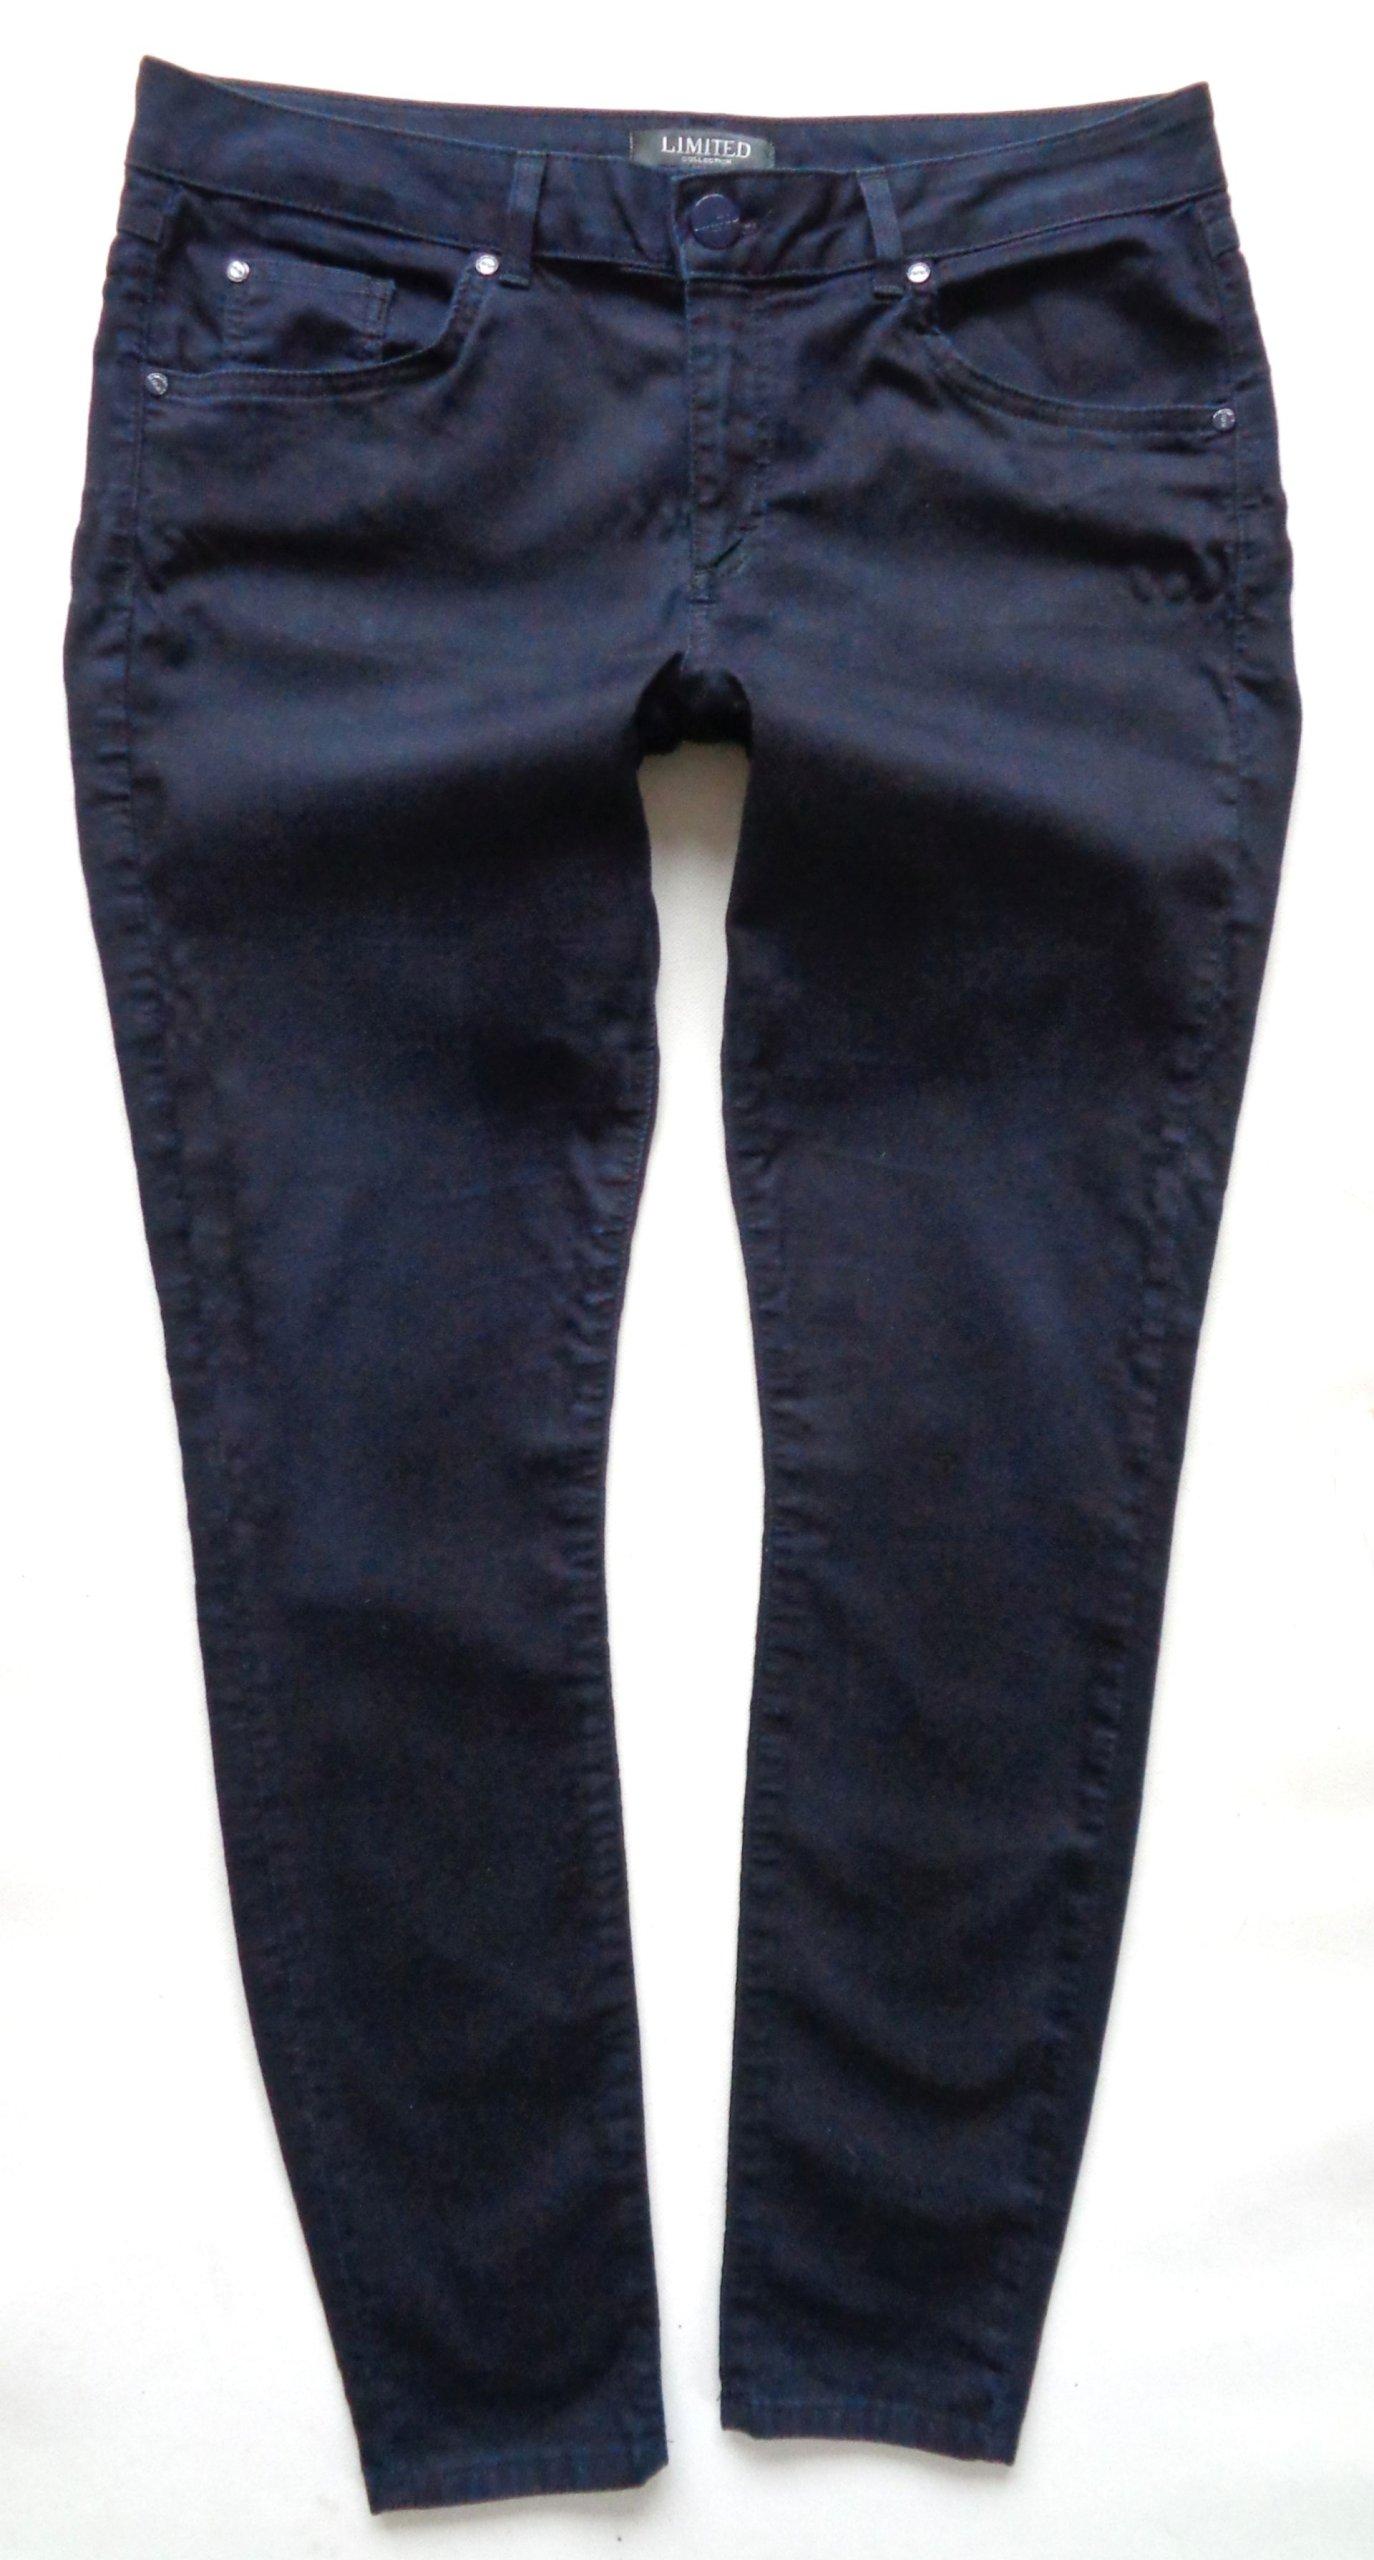 7c8644624fb4 M S elastyczne jeansy rurki SKINNY 44 46 - 7120767796 - oficjalne ...